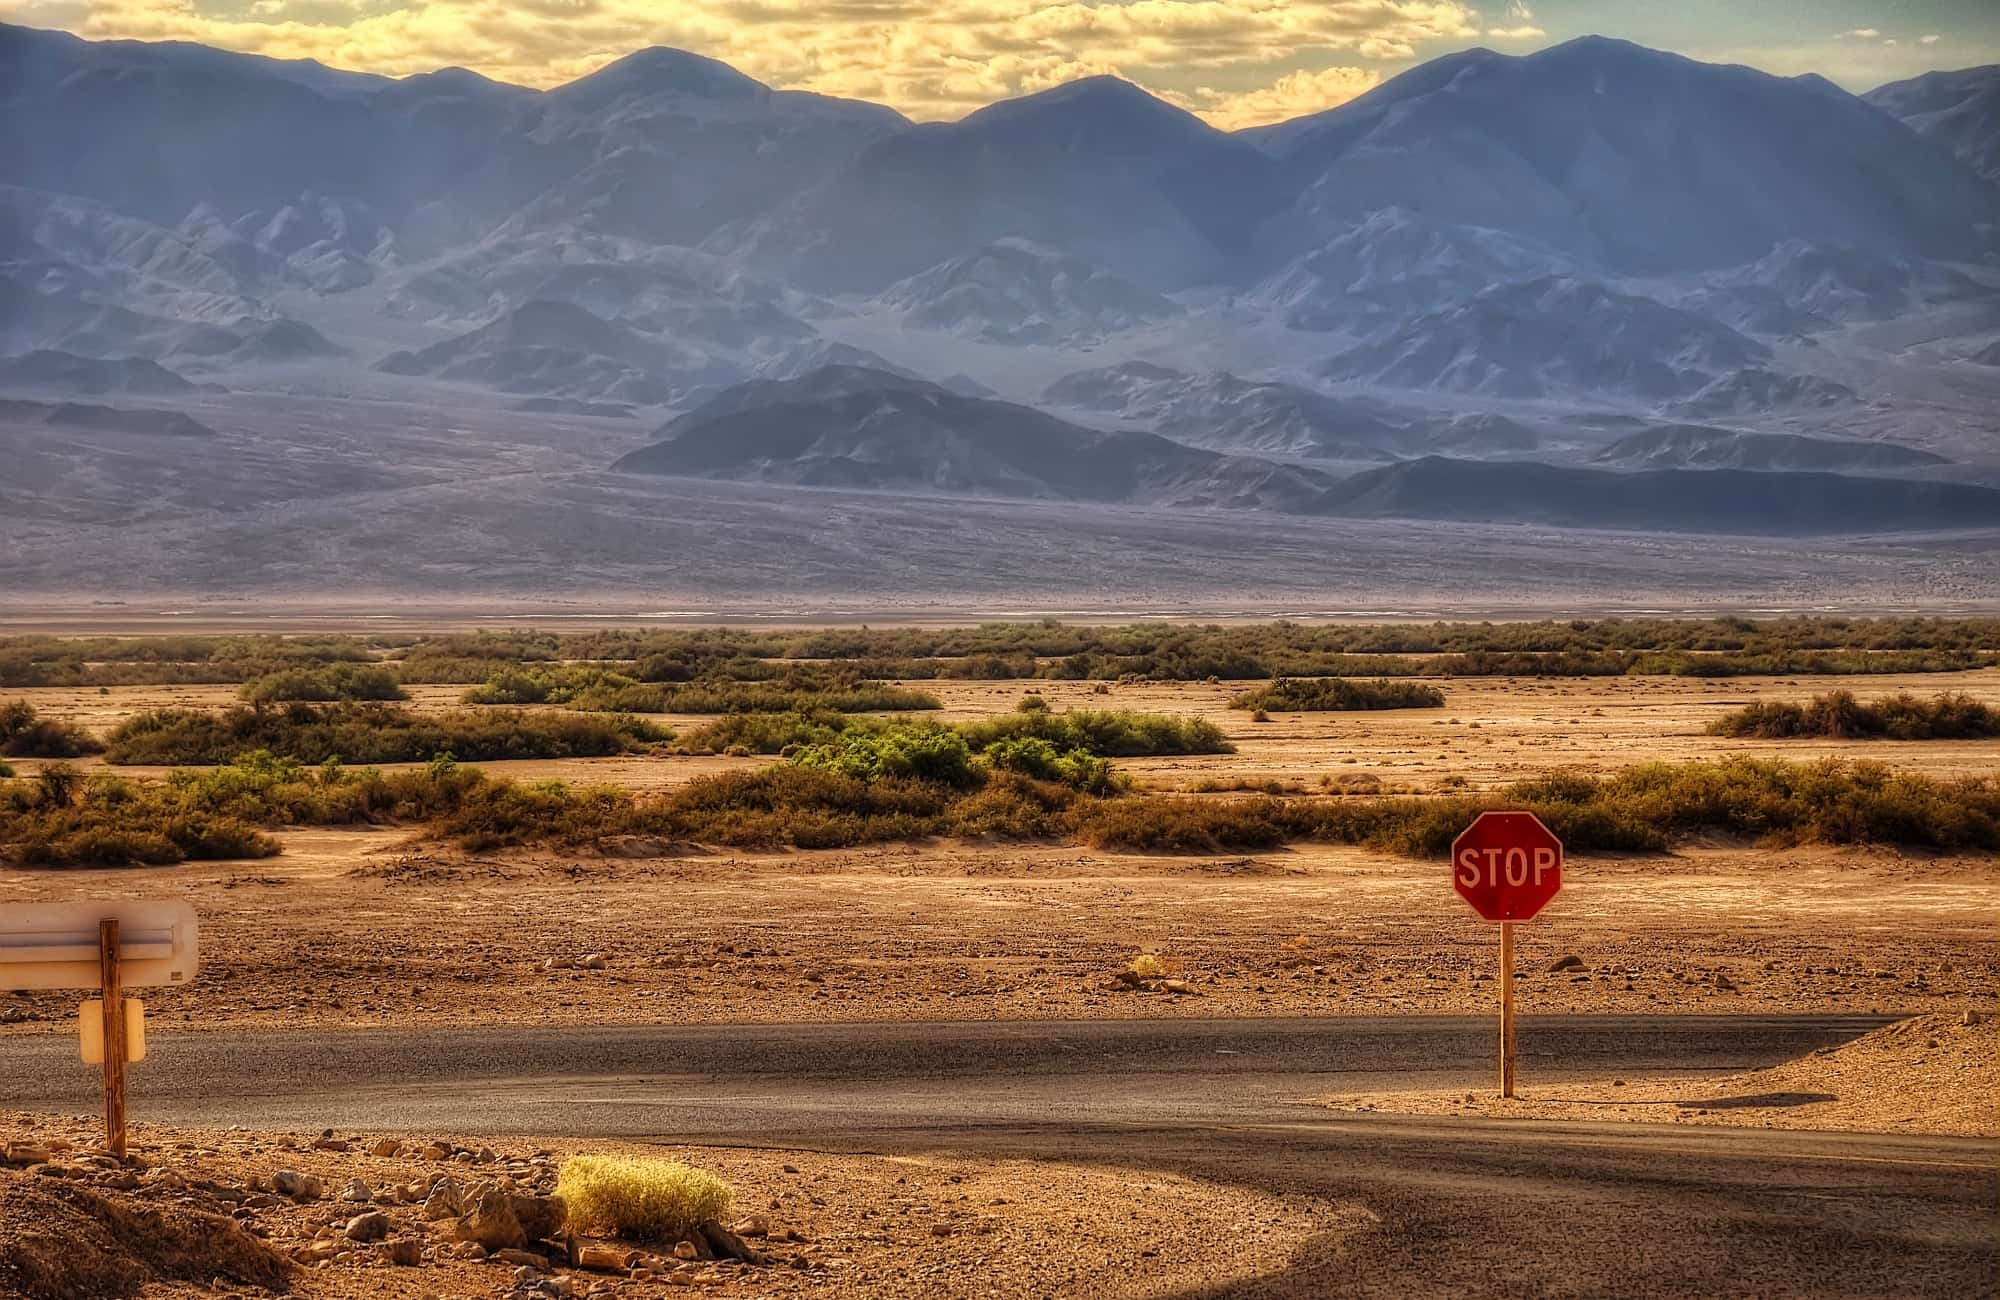 Vue sur le parc National de Death Valley